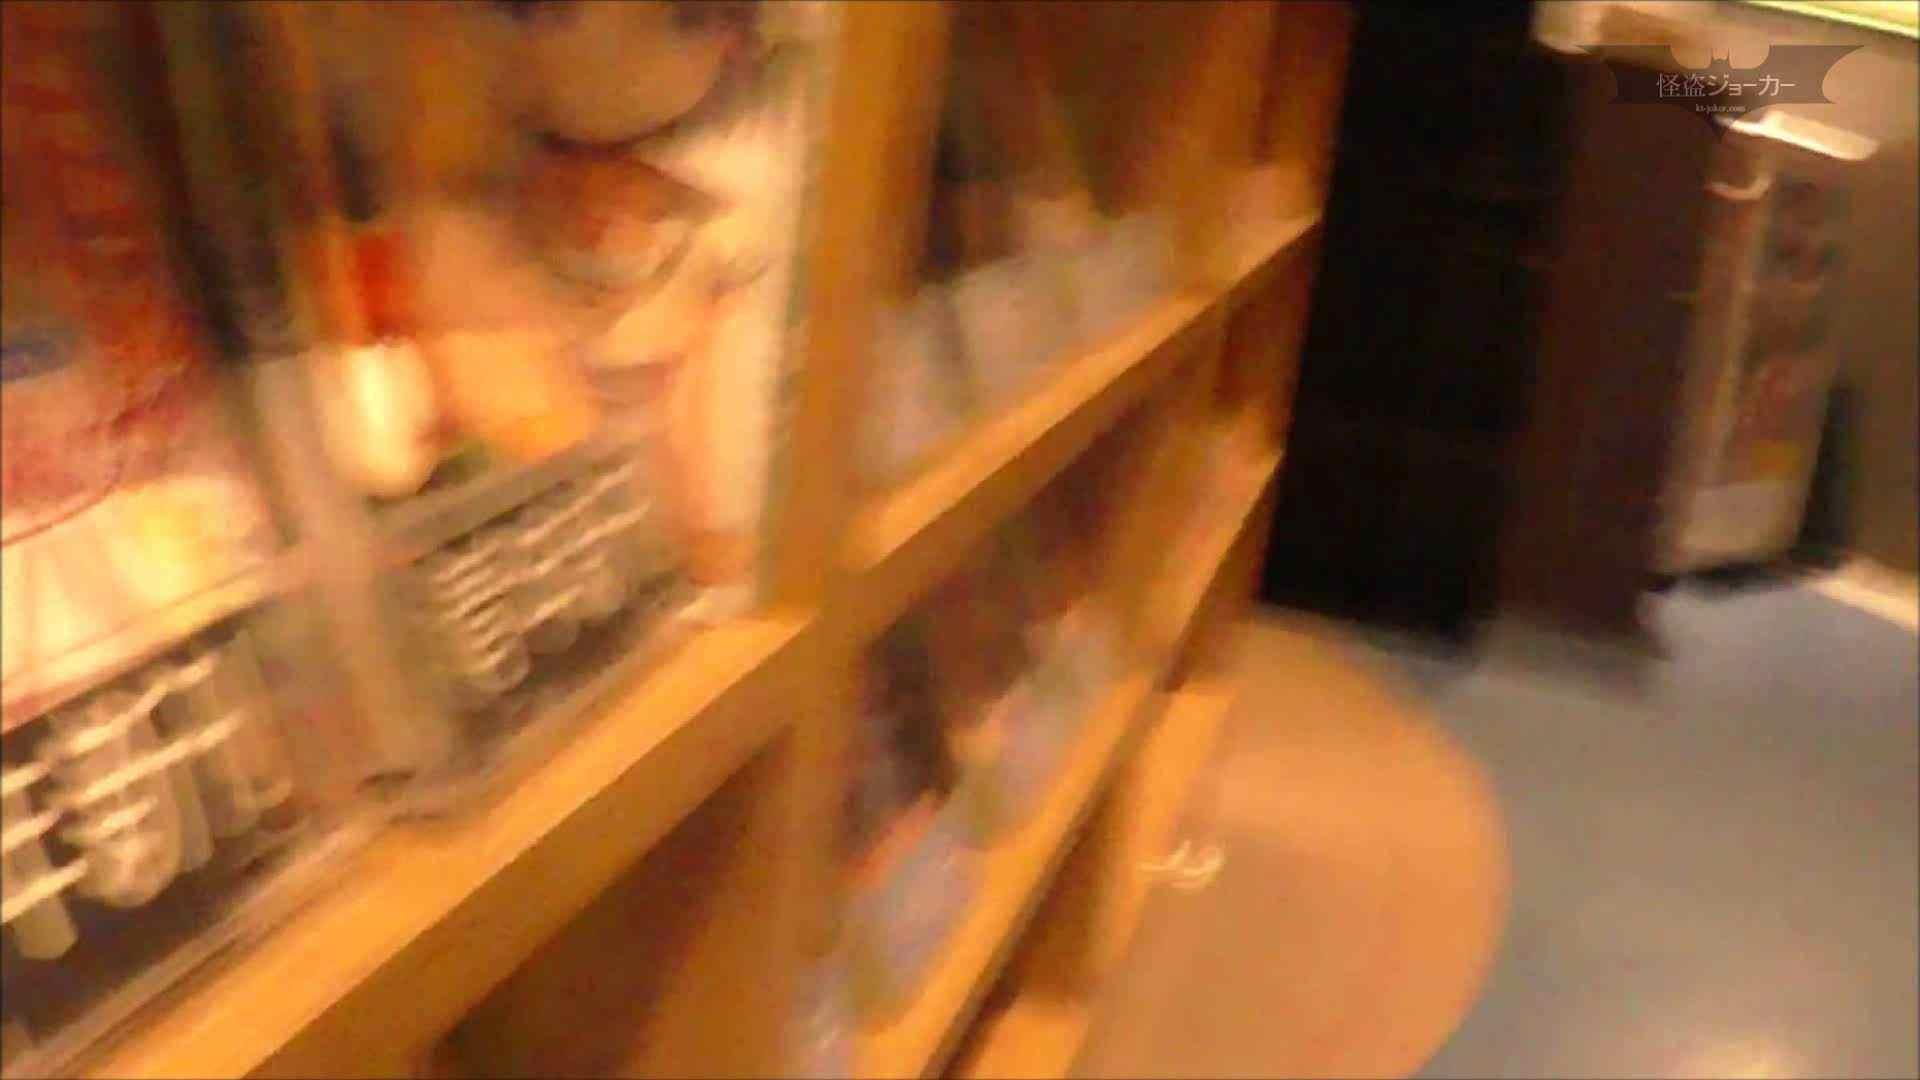 悪戯ネットカフェ Vol.06 若目狙って魔法でGO!! エッチな盗撮 おめこ無修正動画無料 94pic 2